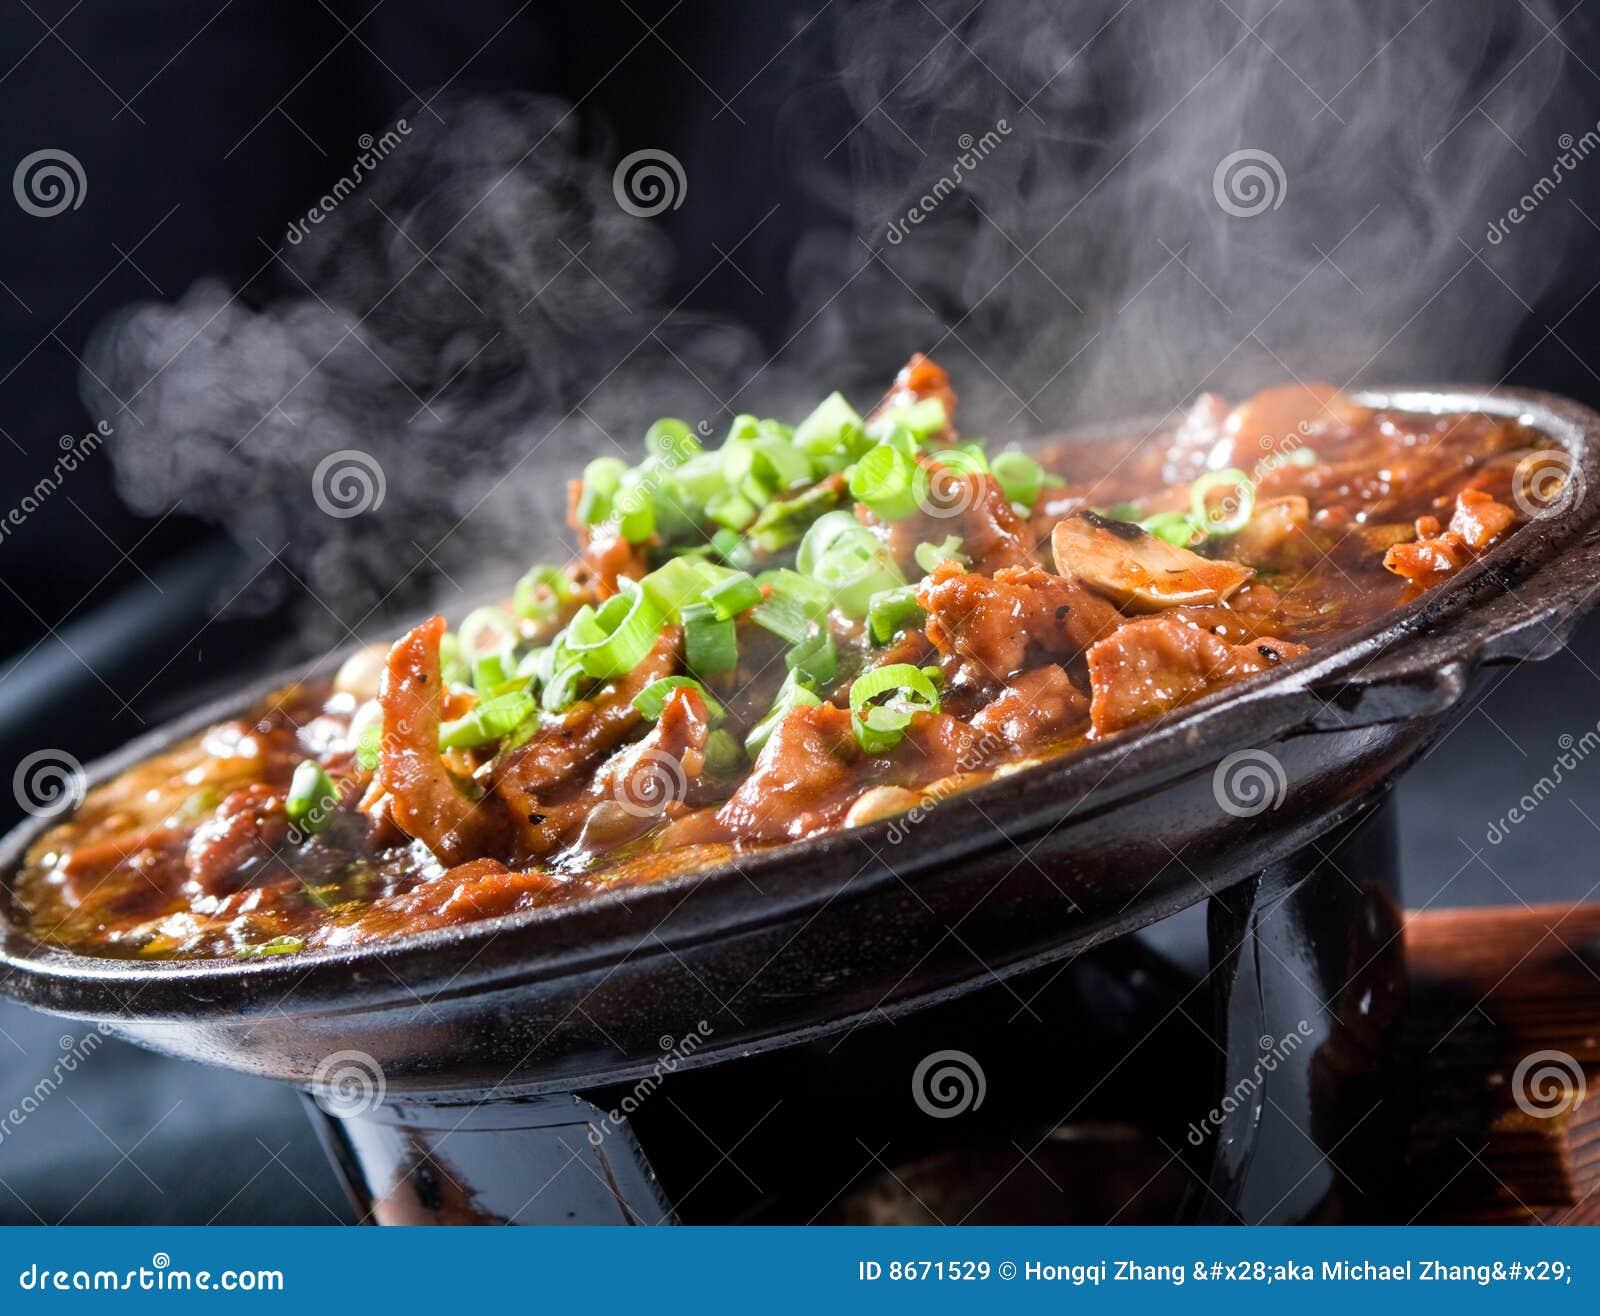 Heiße Nahrung